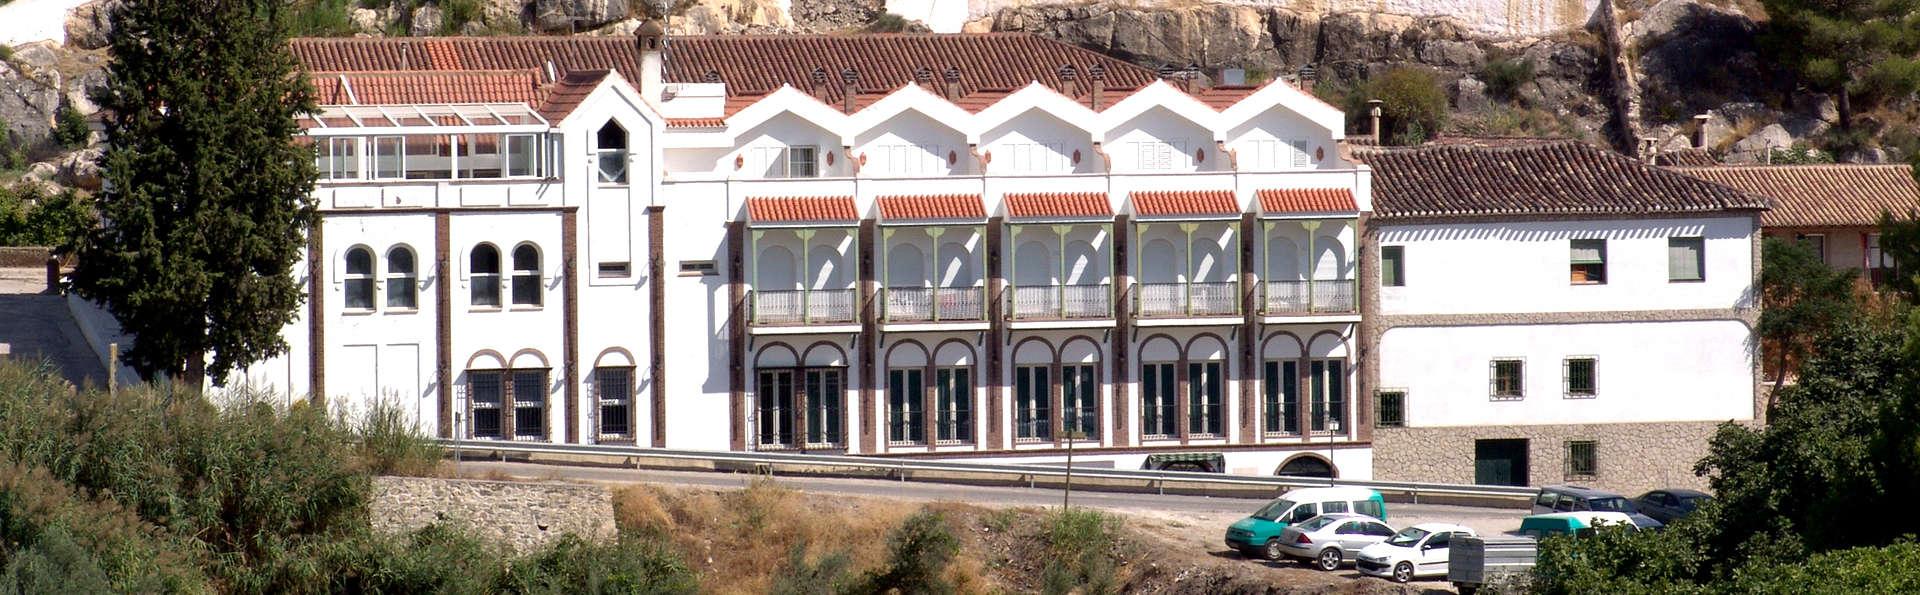 Balneario de Alicun de las Torres - Edit_Front.jpg